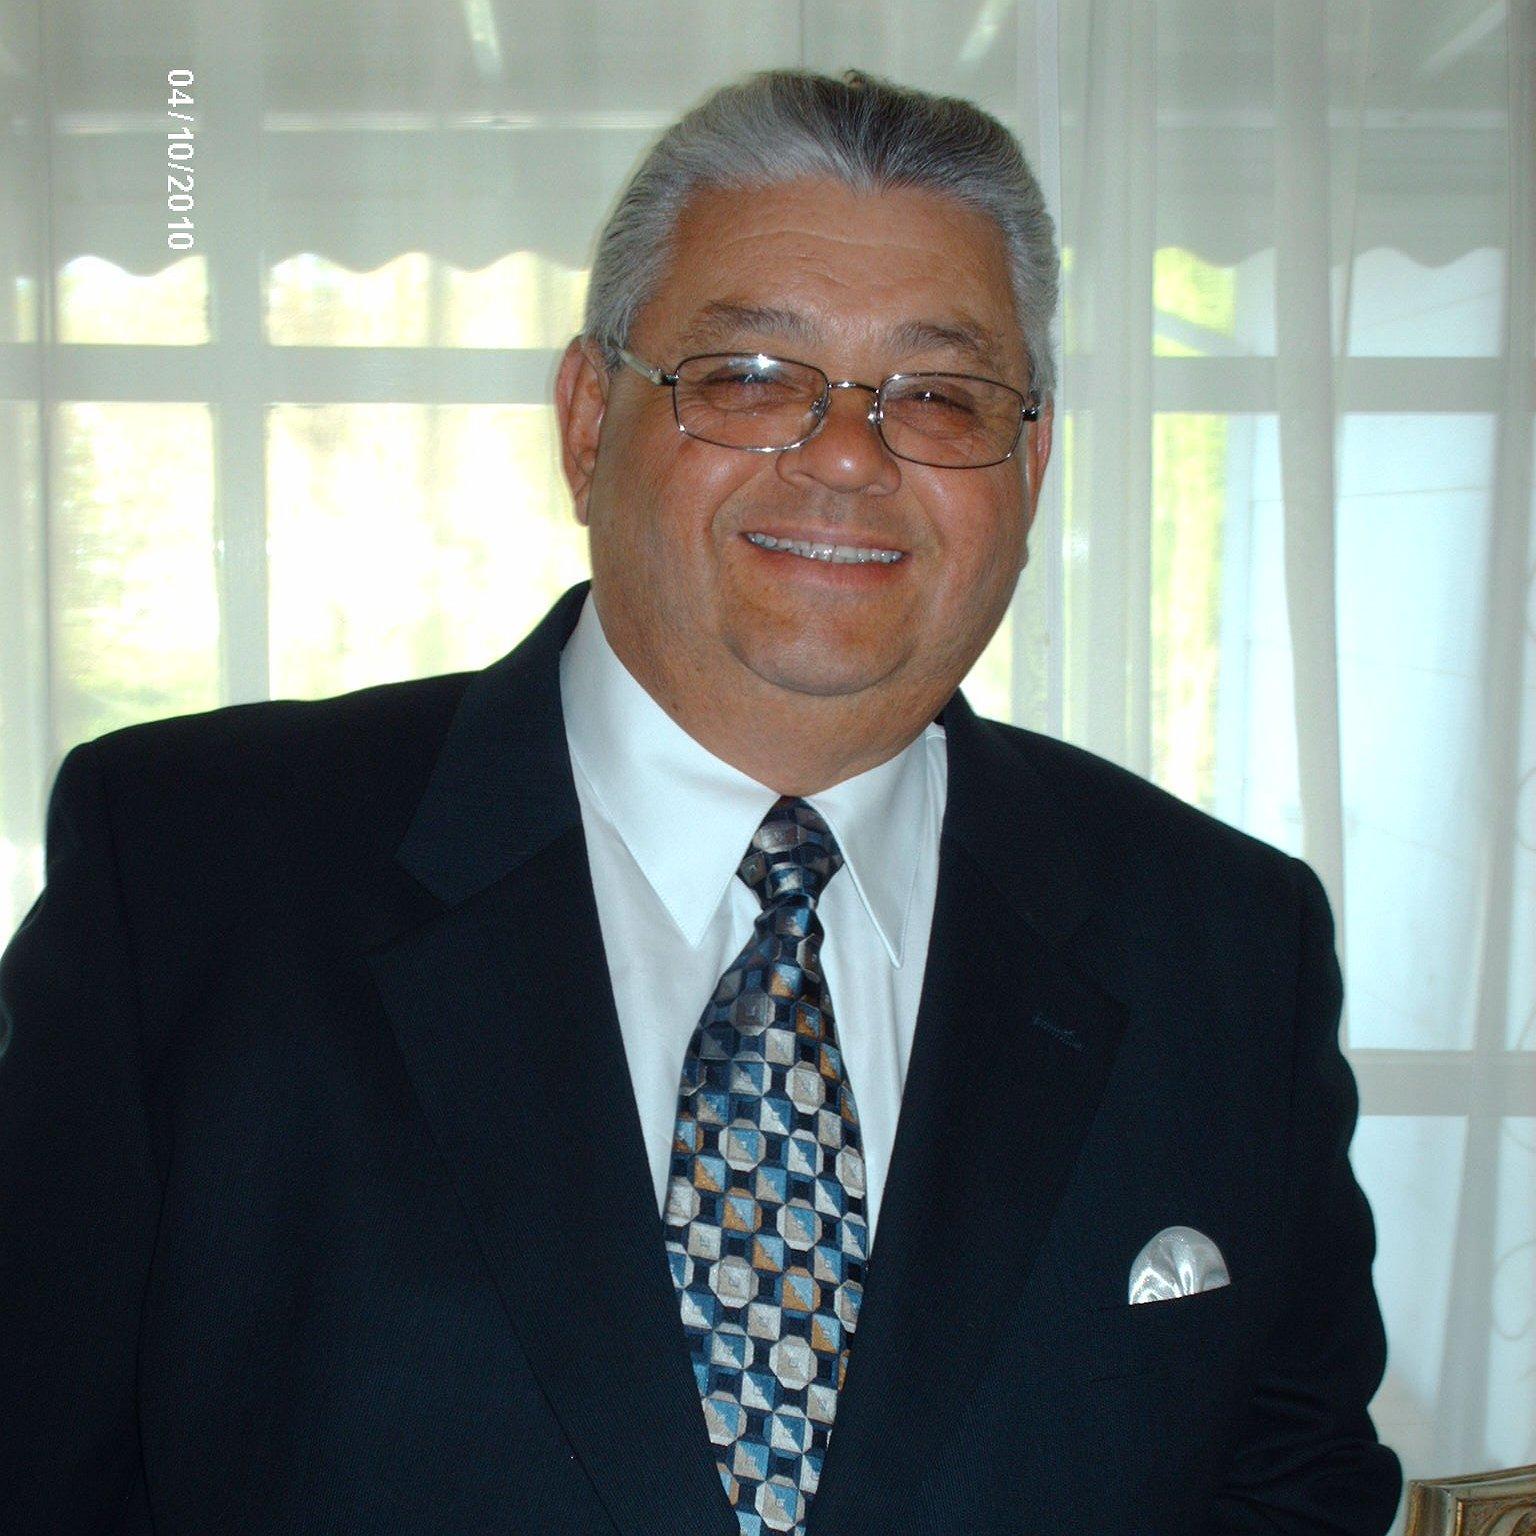 Candelario Lamboy